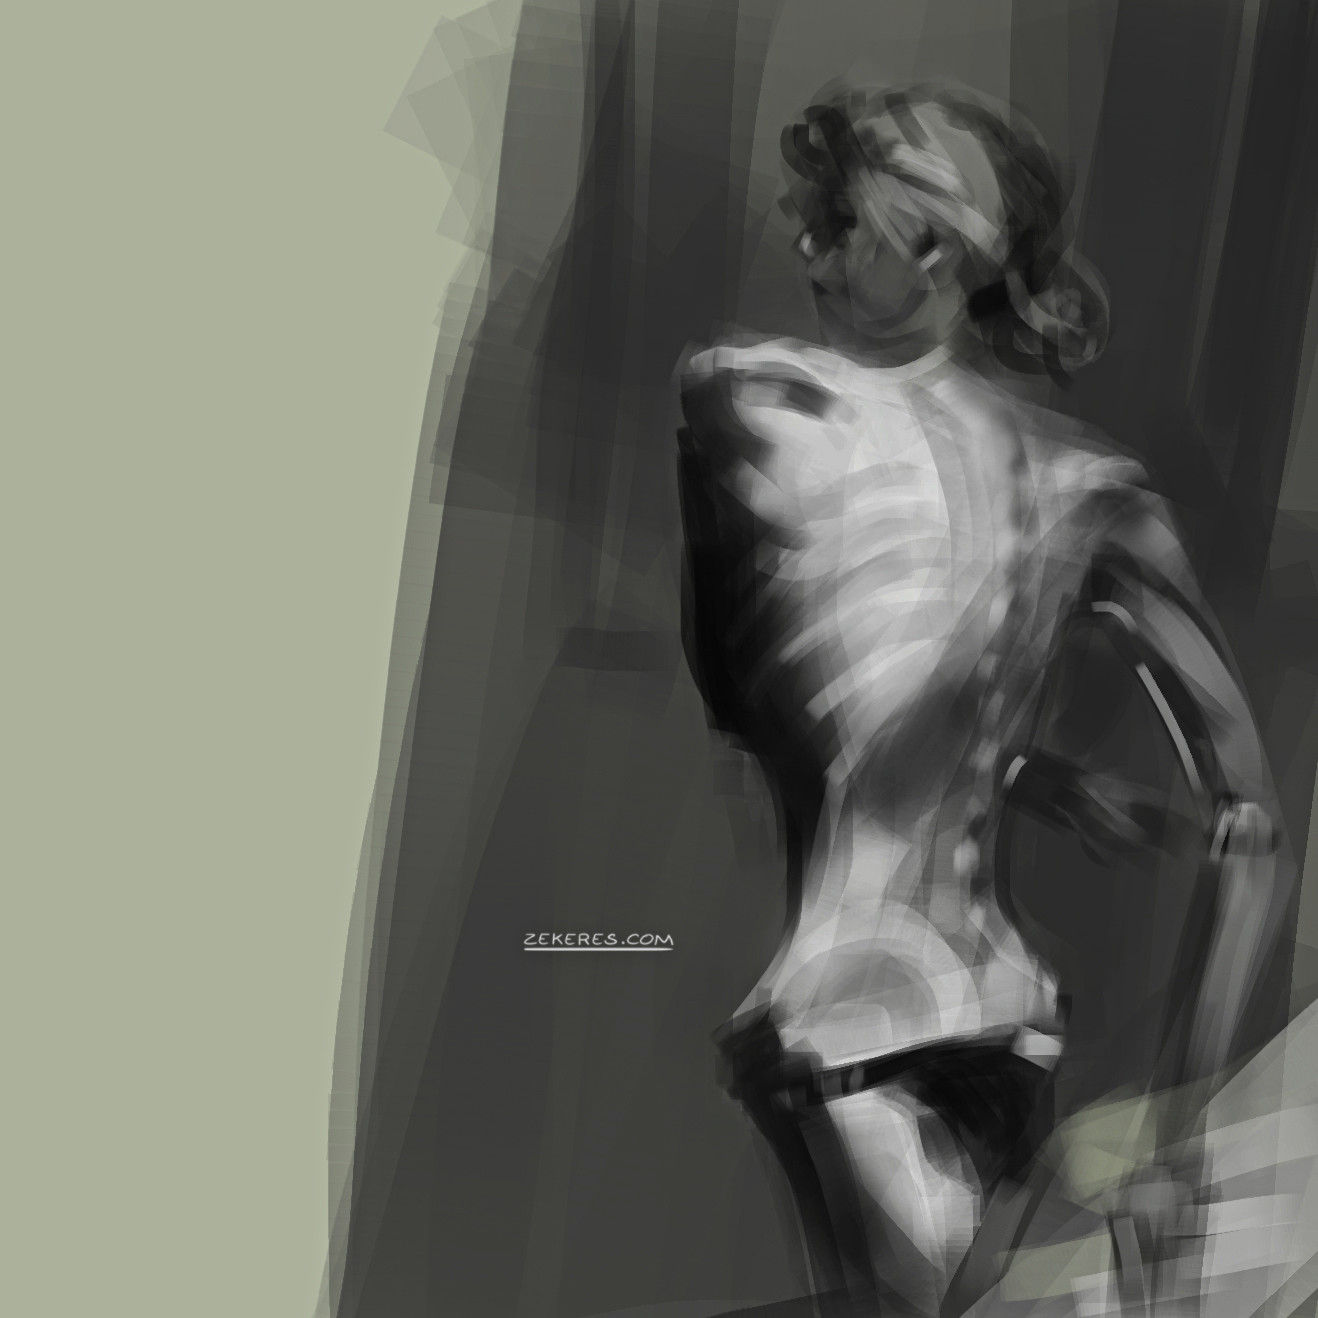 Peter zekeres sketches80